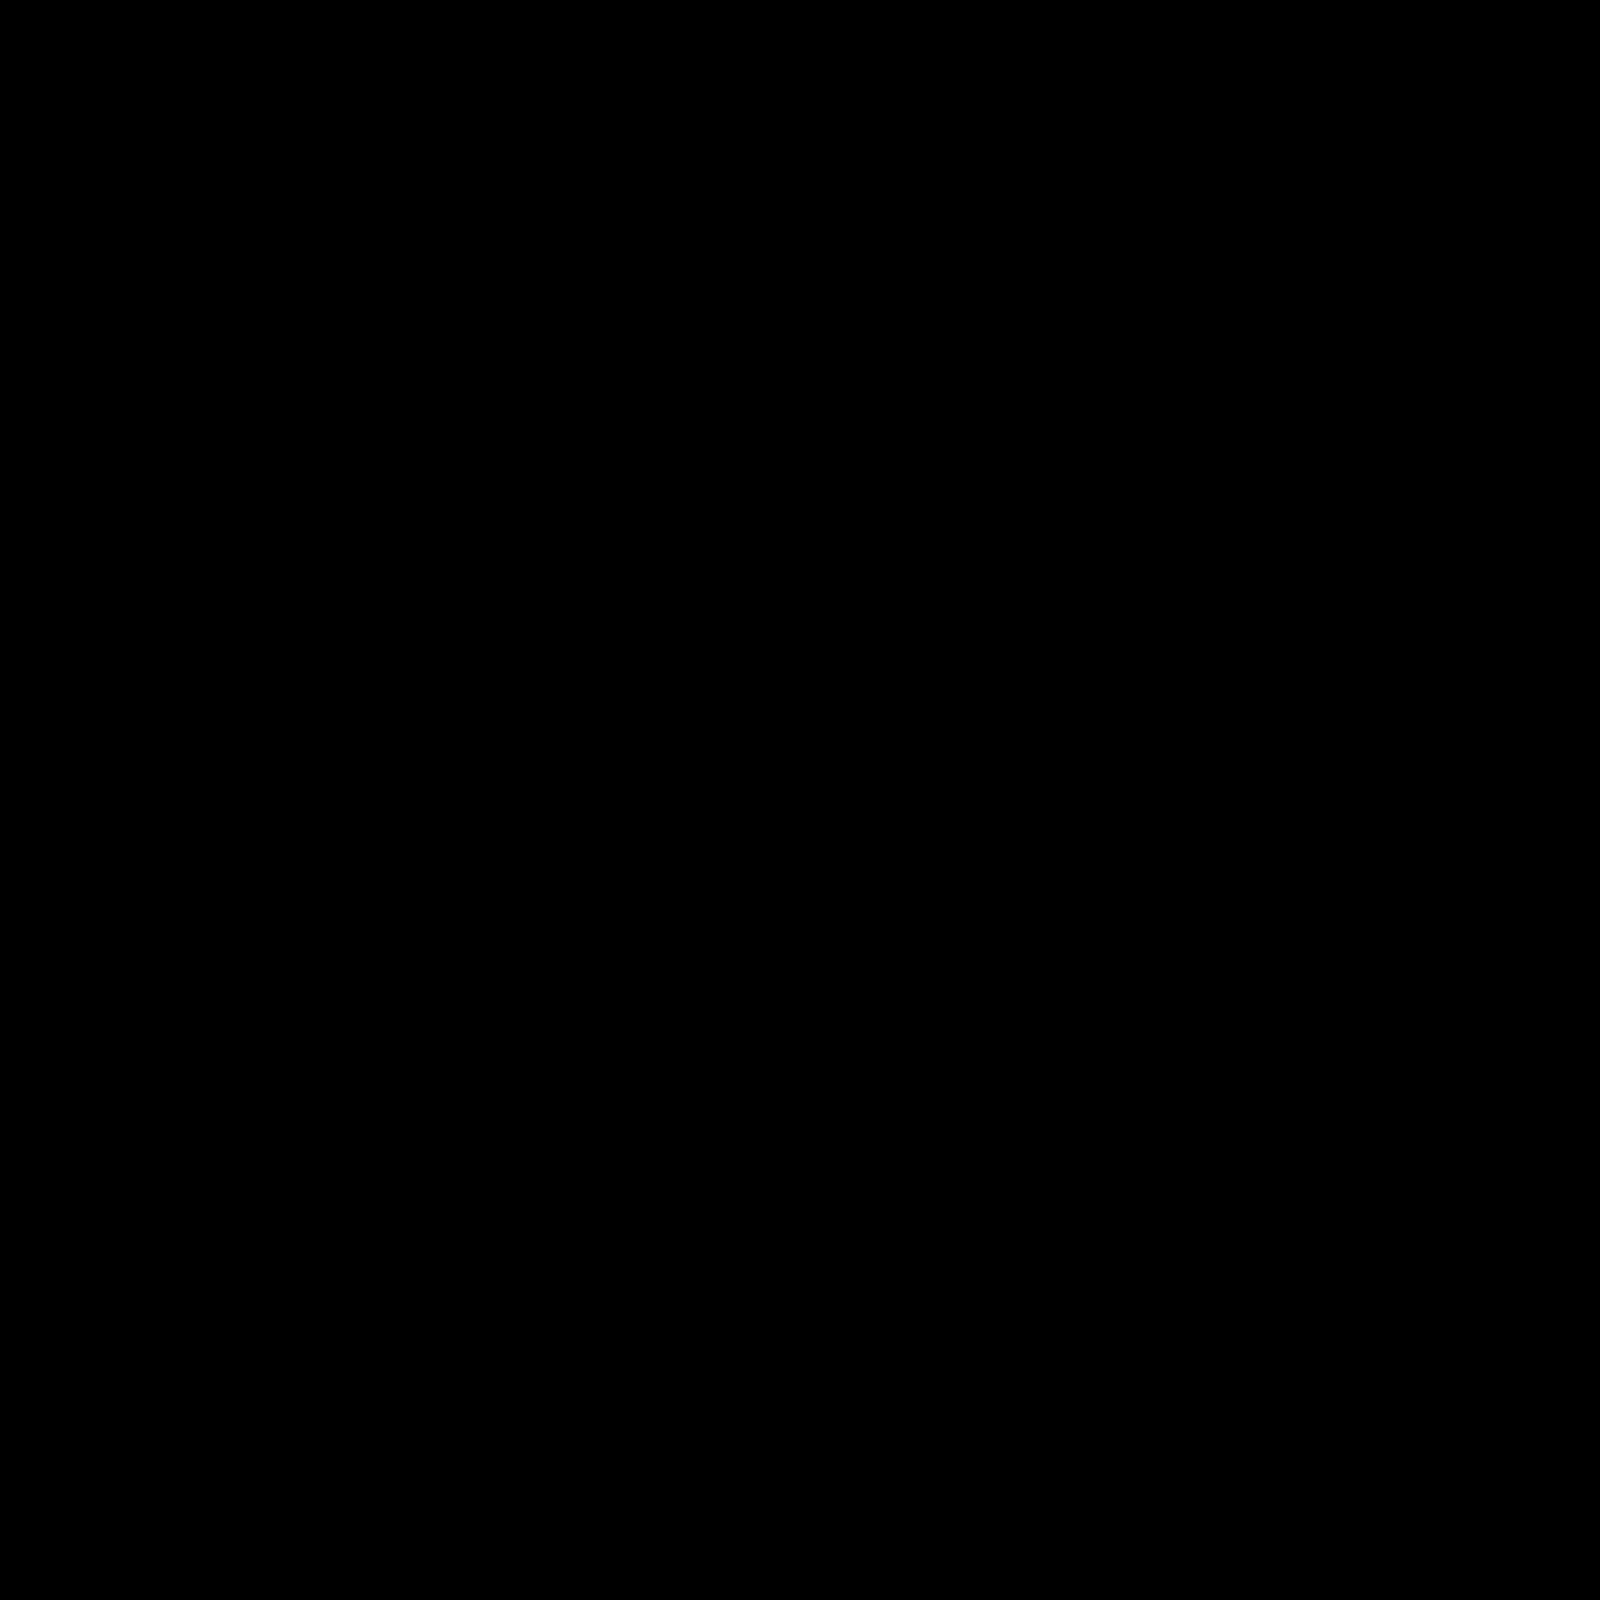 ΚΟΛΥΜΠΙ